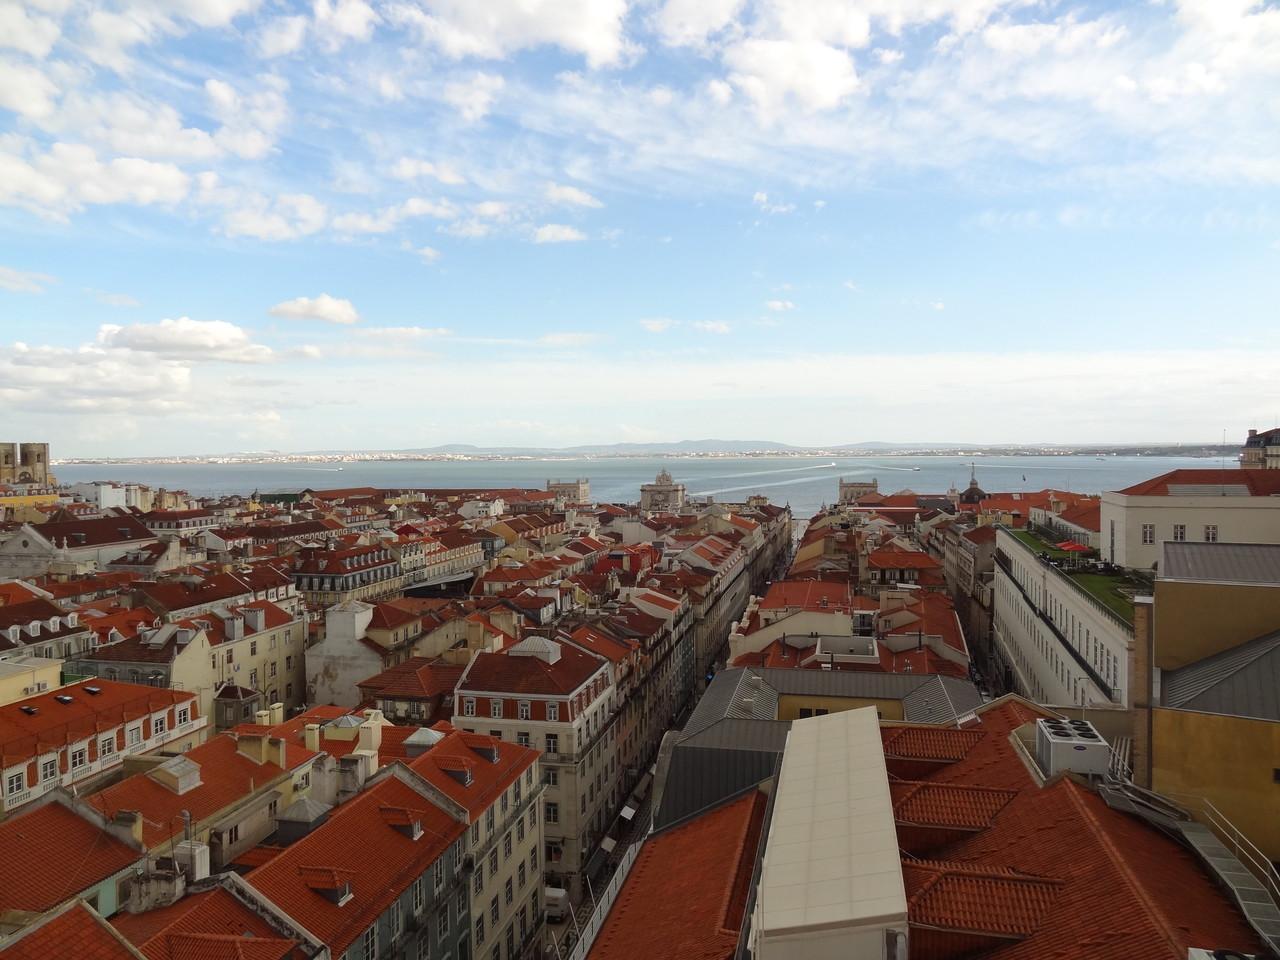 Blick vom oberen Stadtteil Chiado auf die Baixa